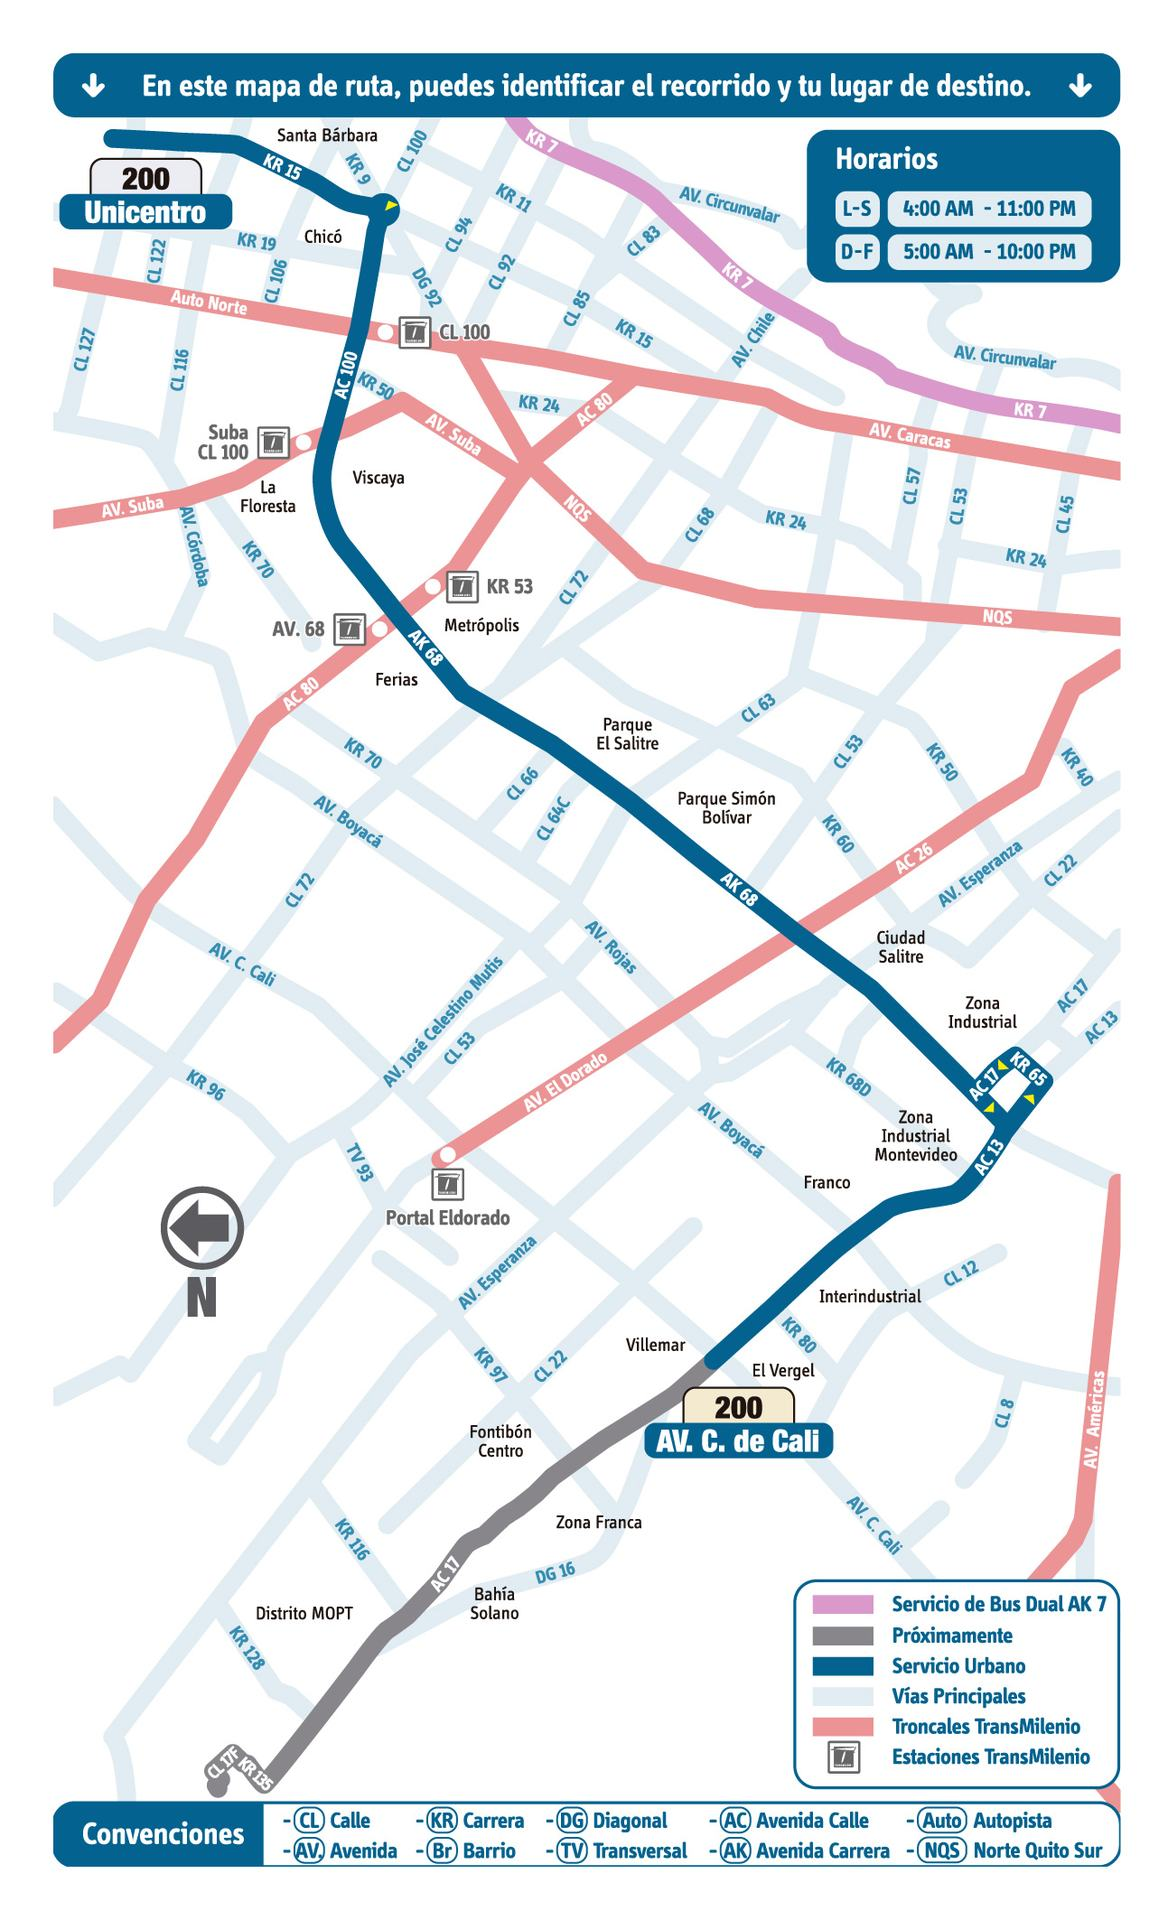 Ruta SITP: 200 Unicentro ↔ Puente Grande [Urbana] 3